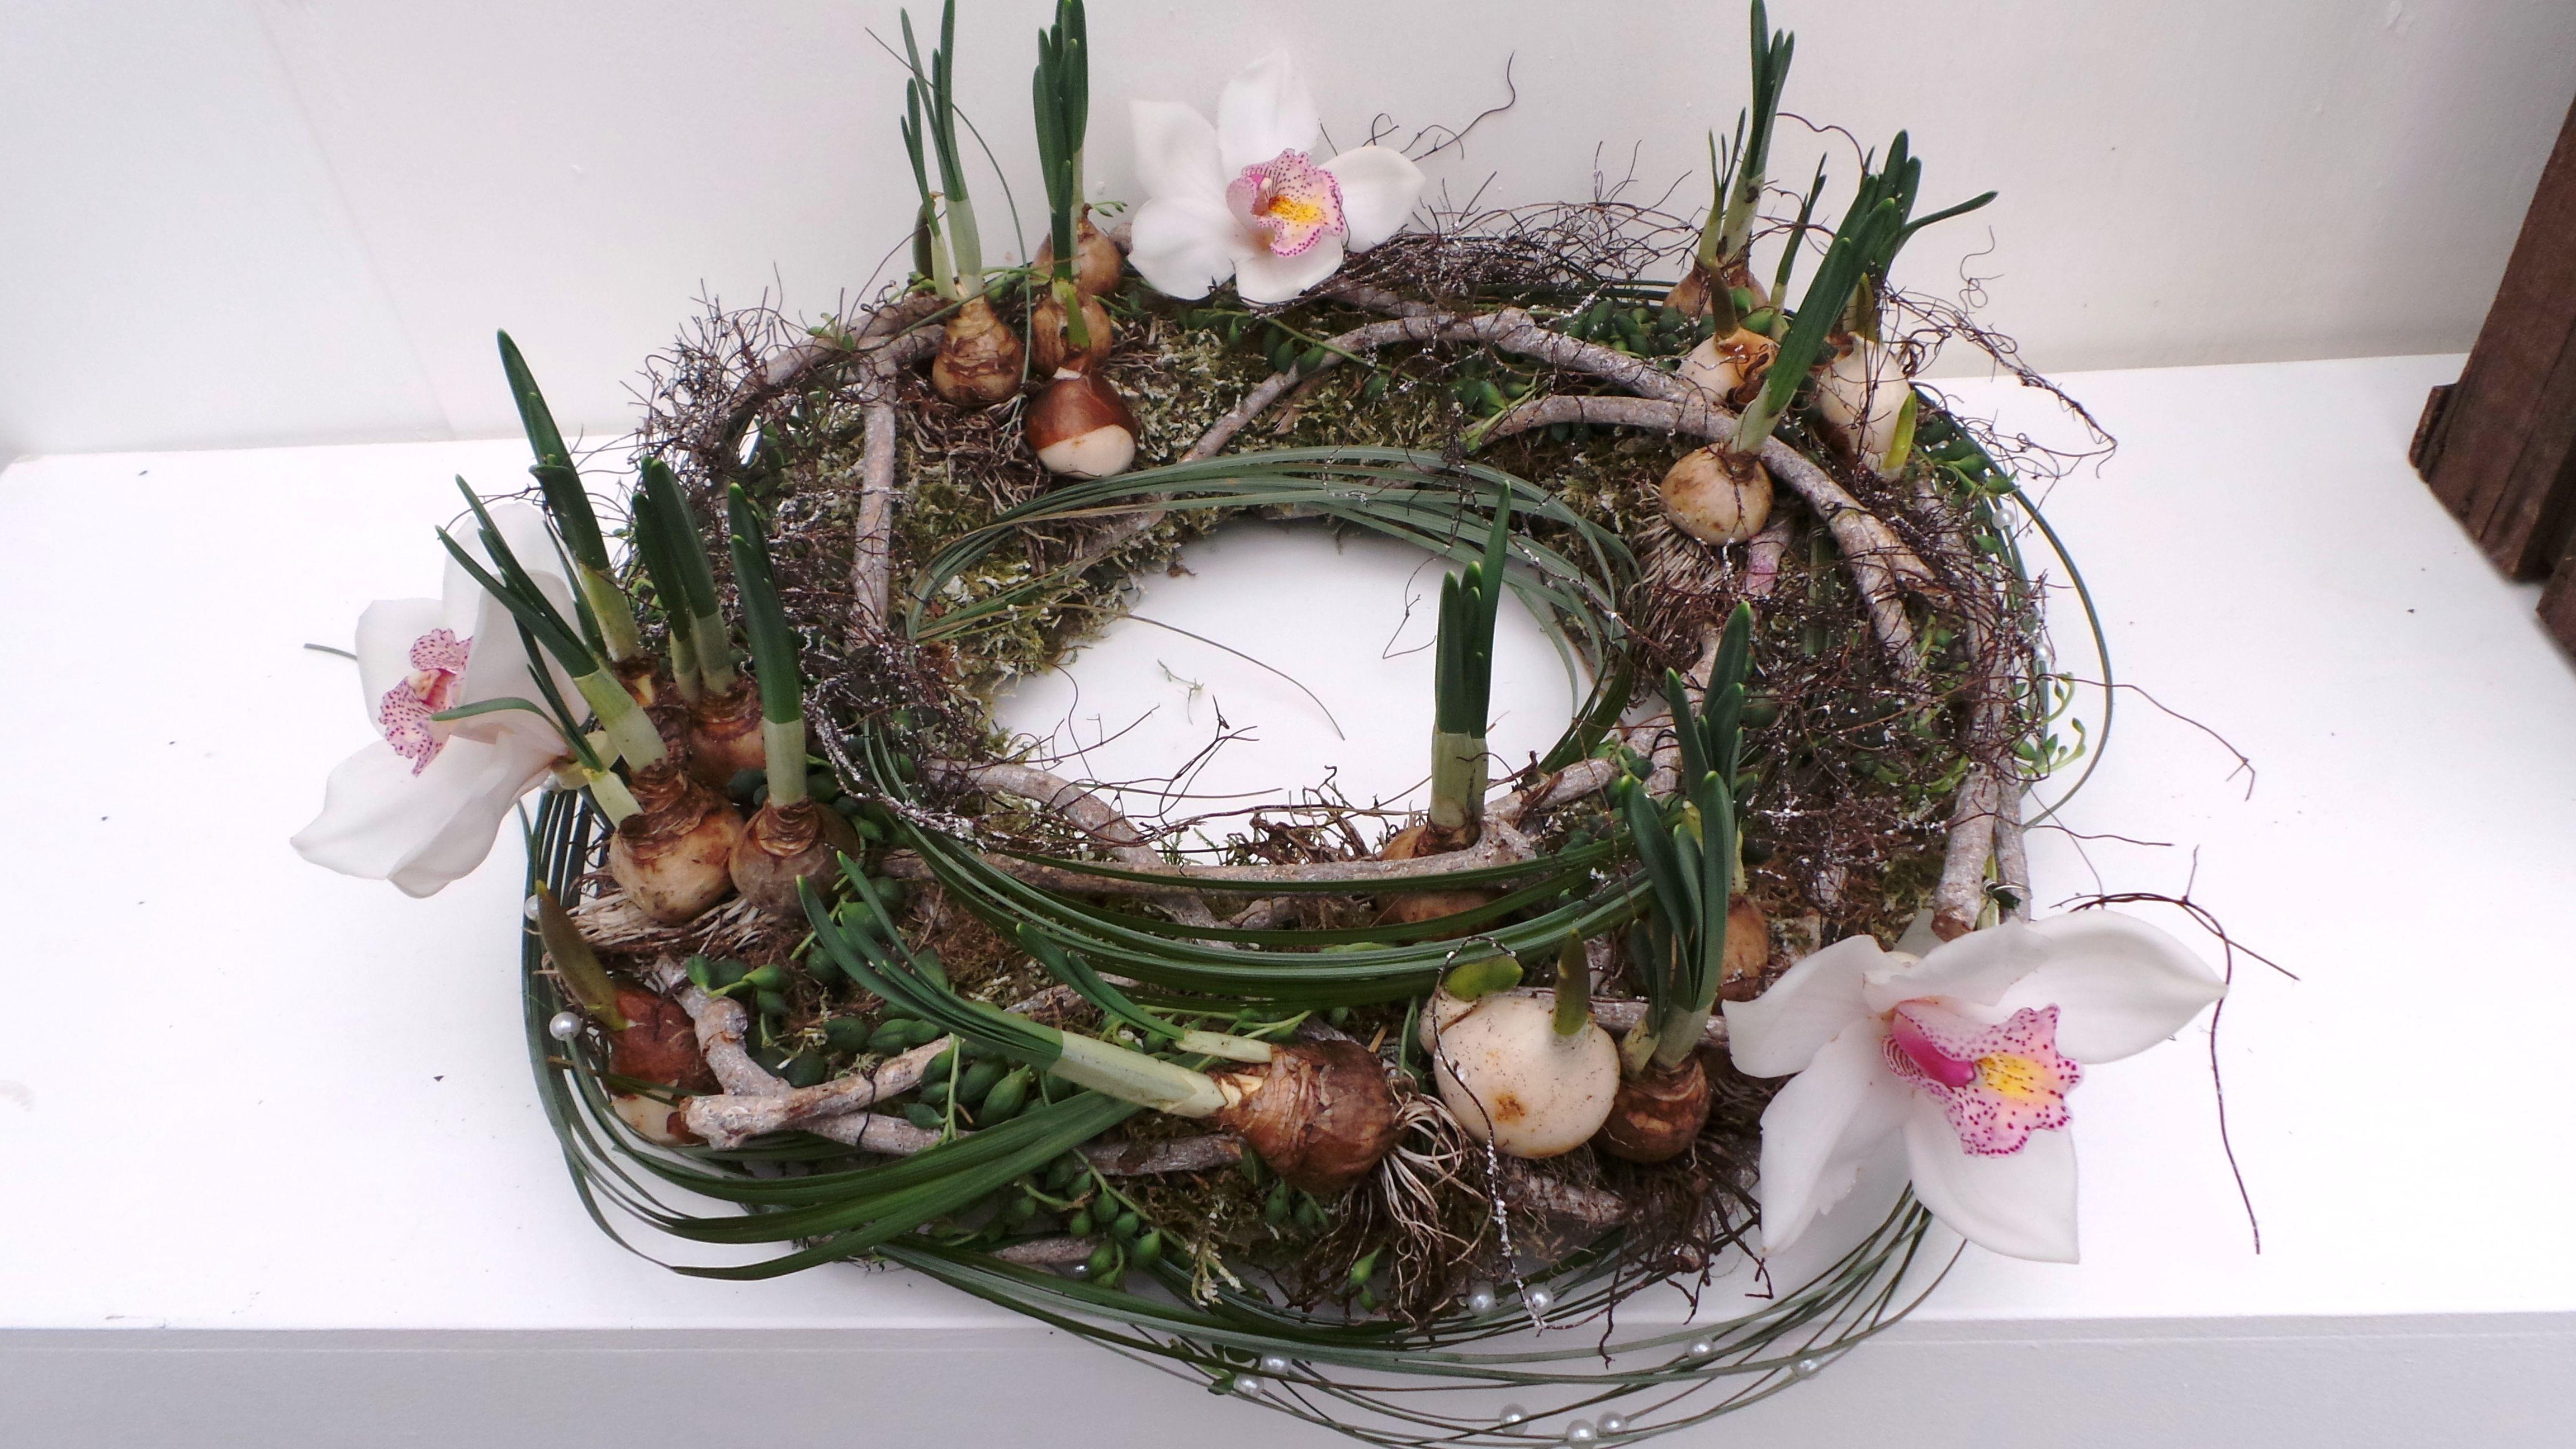 Voorjaarsarrangement workshopvoorbeeld 2015  Spring arrangement 2015 workshop example  Made by Greenhouse Noordwijkerhout